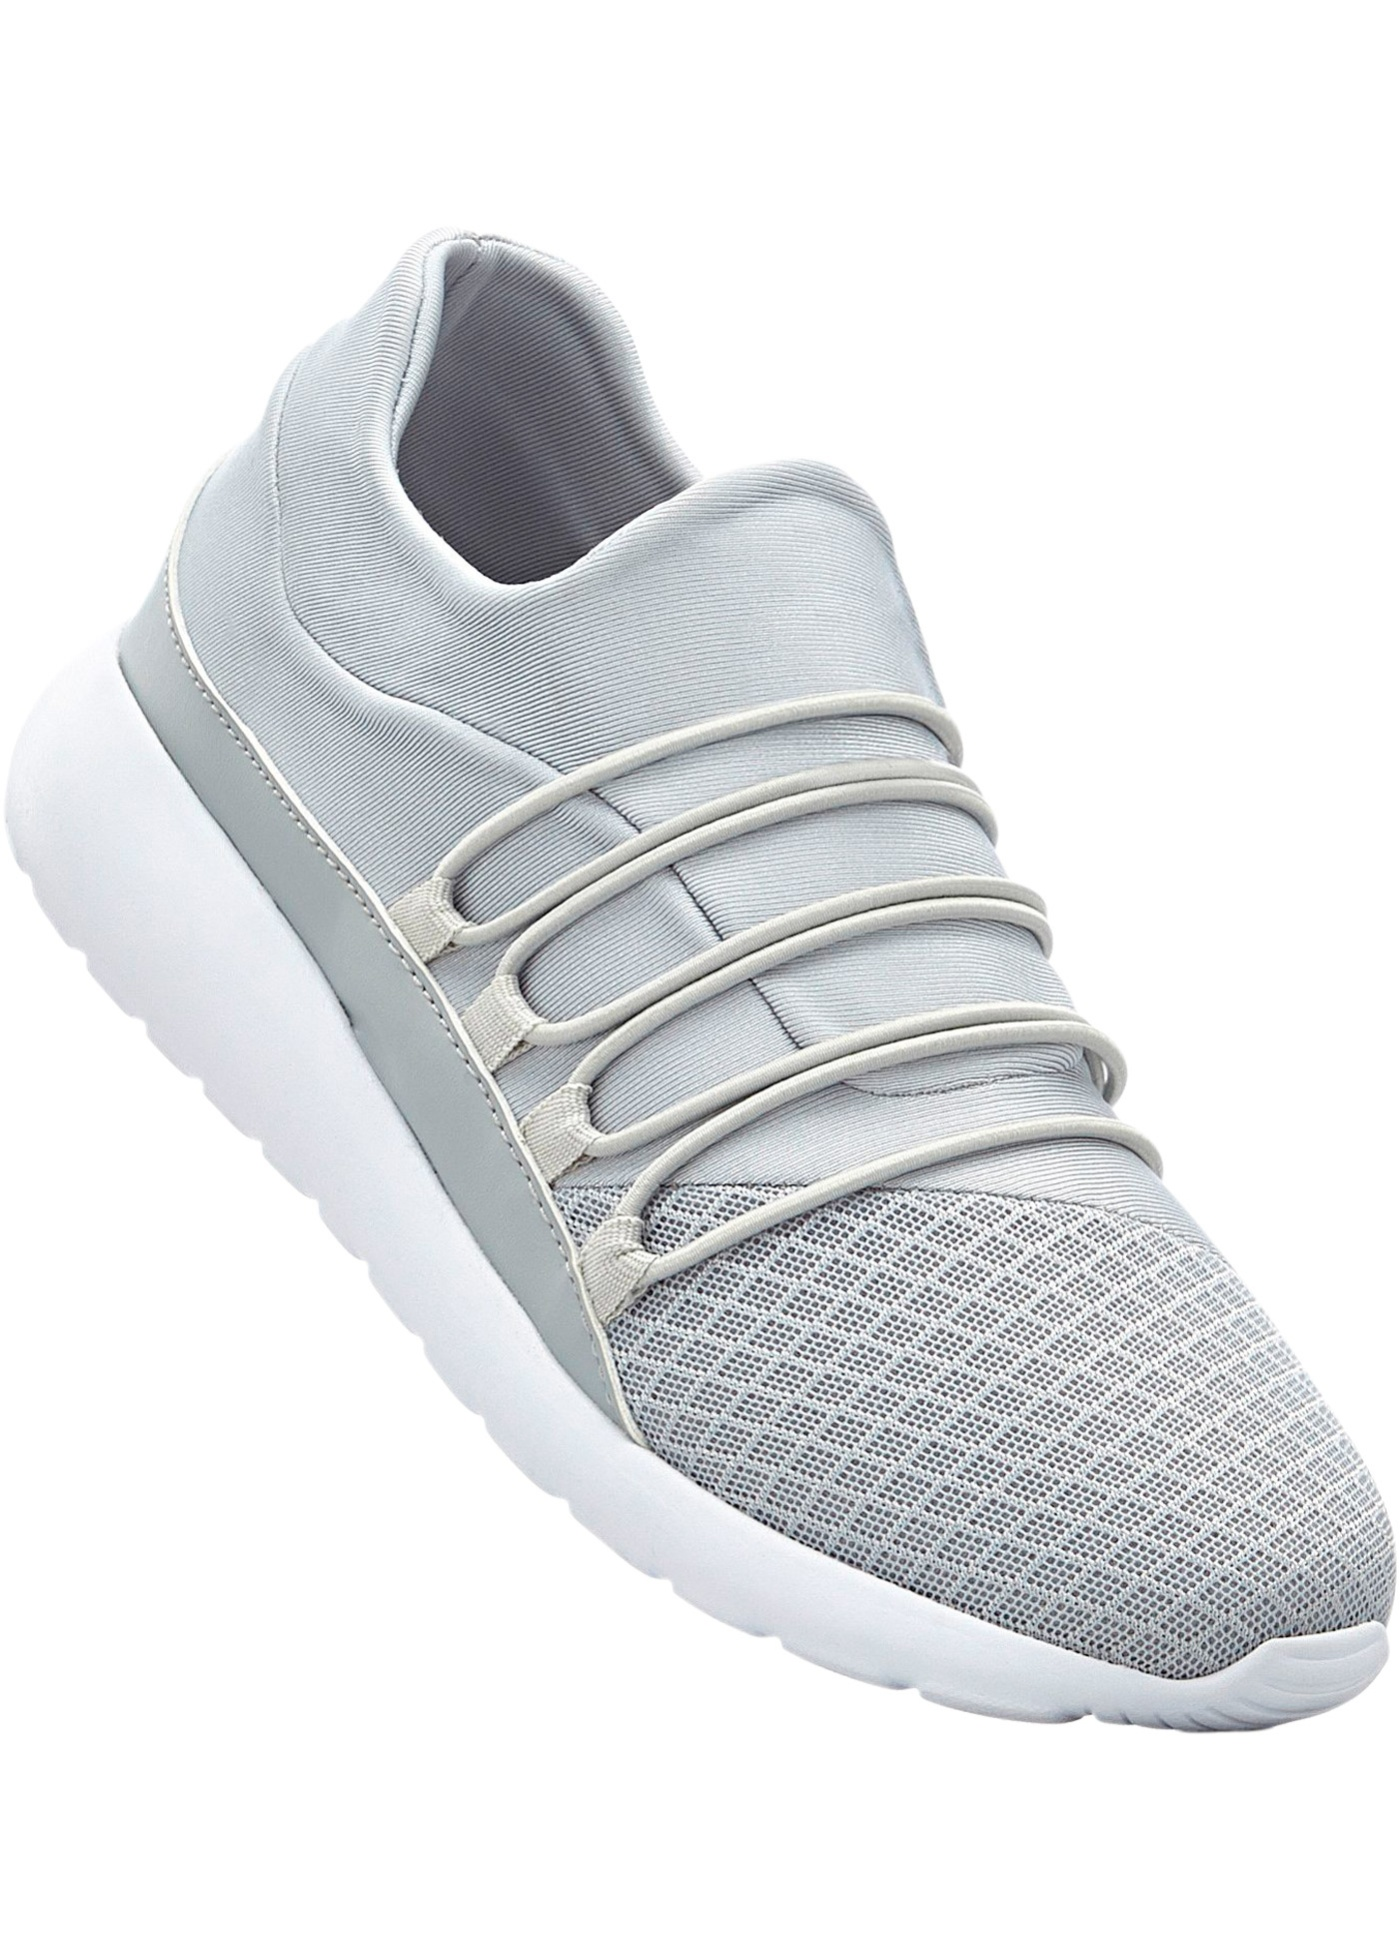 6f8f4b91f65 Sportovní obuv - Šedá